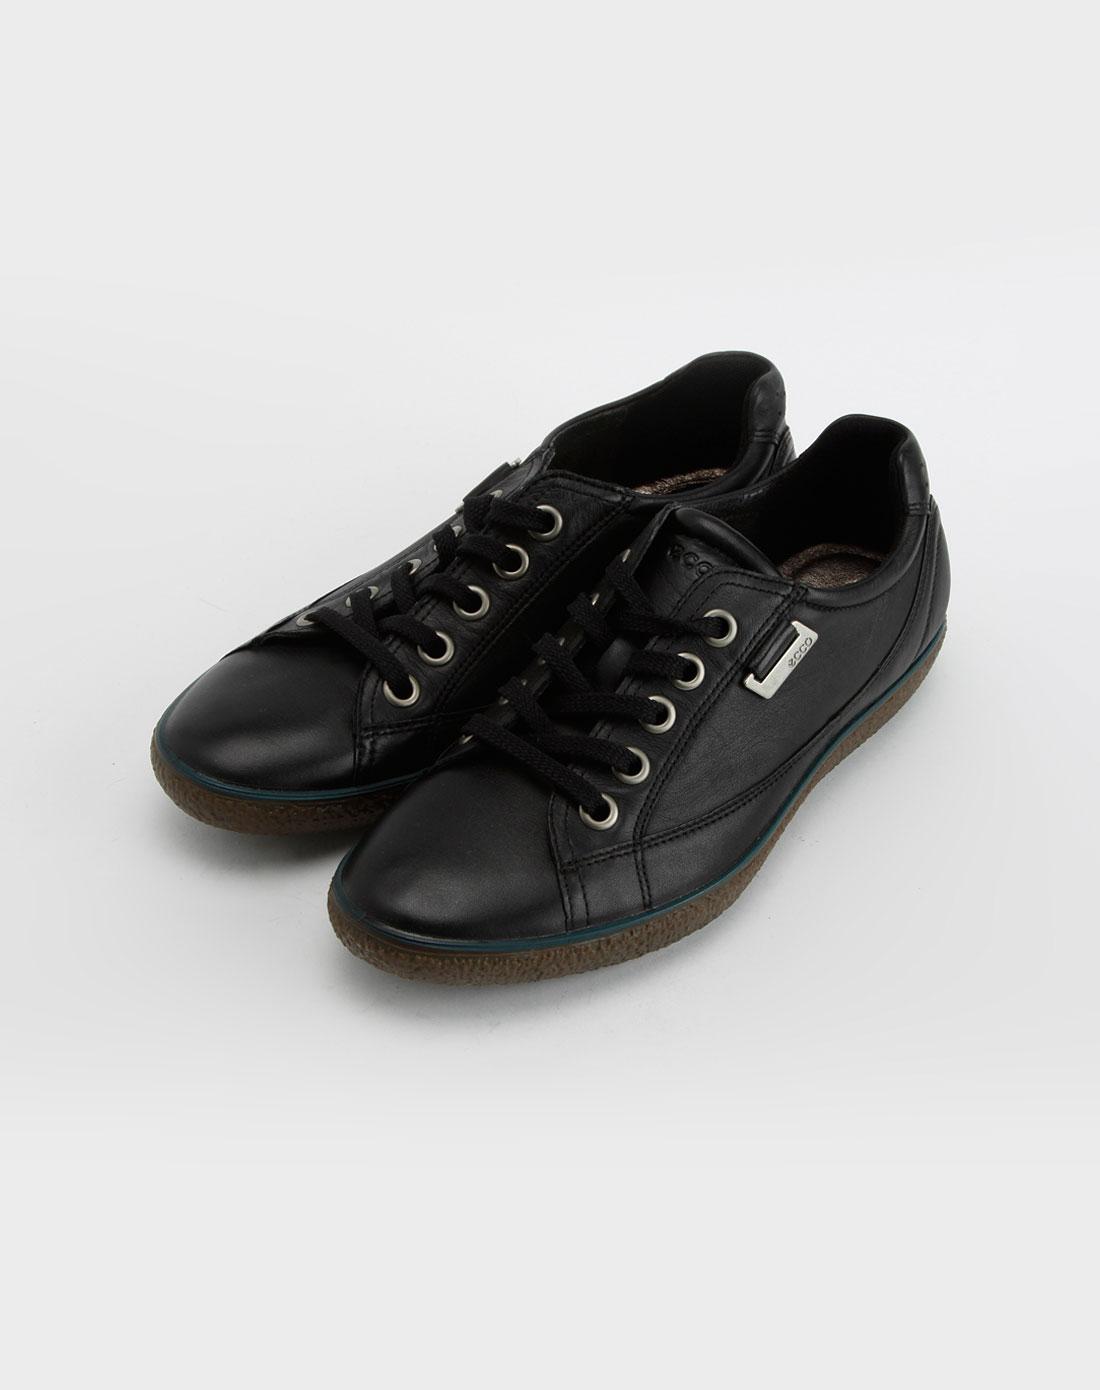 爱步ecco女款条纹系列黑色休闲鞋